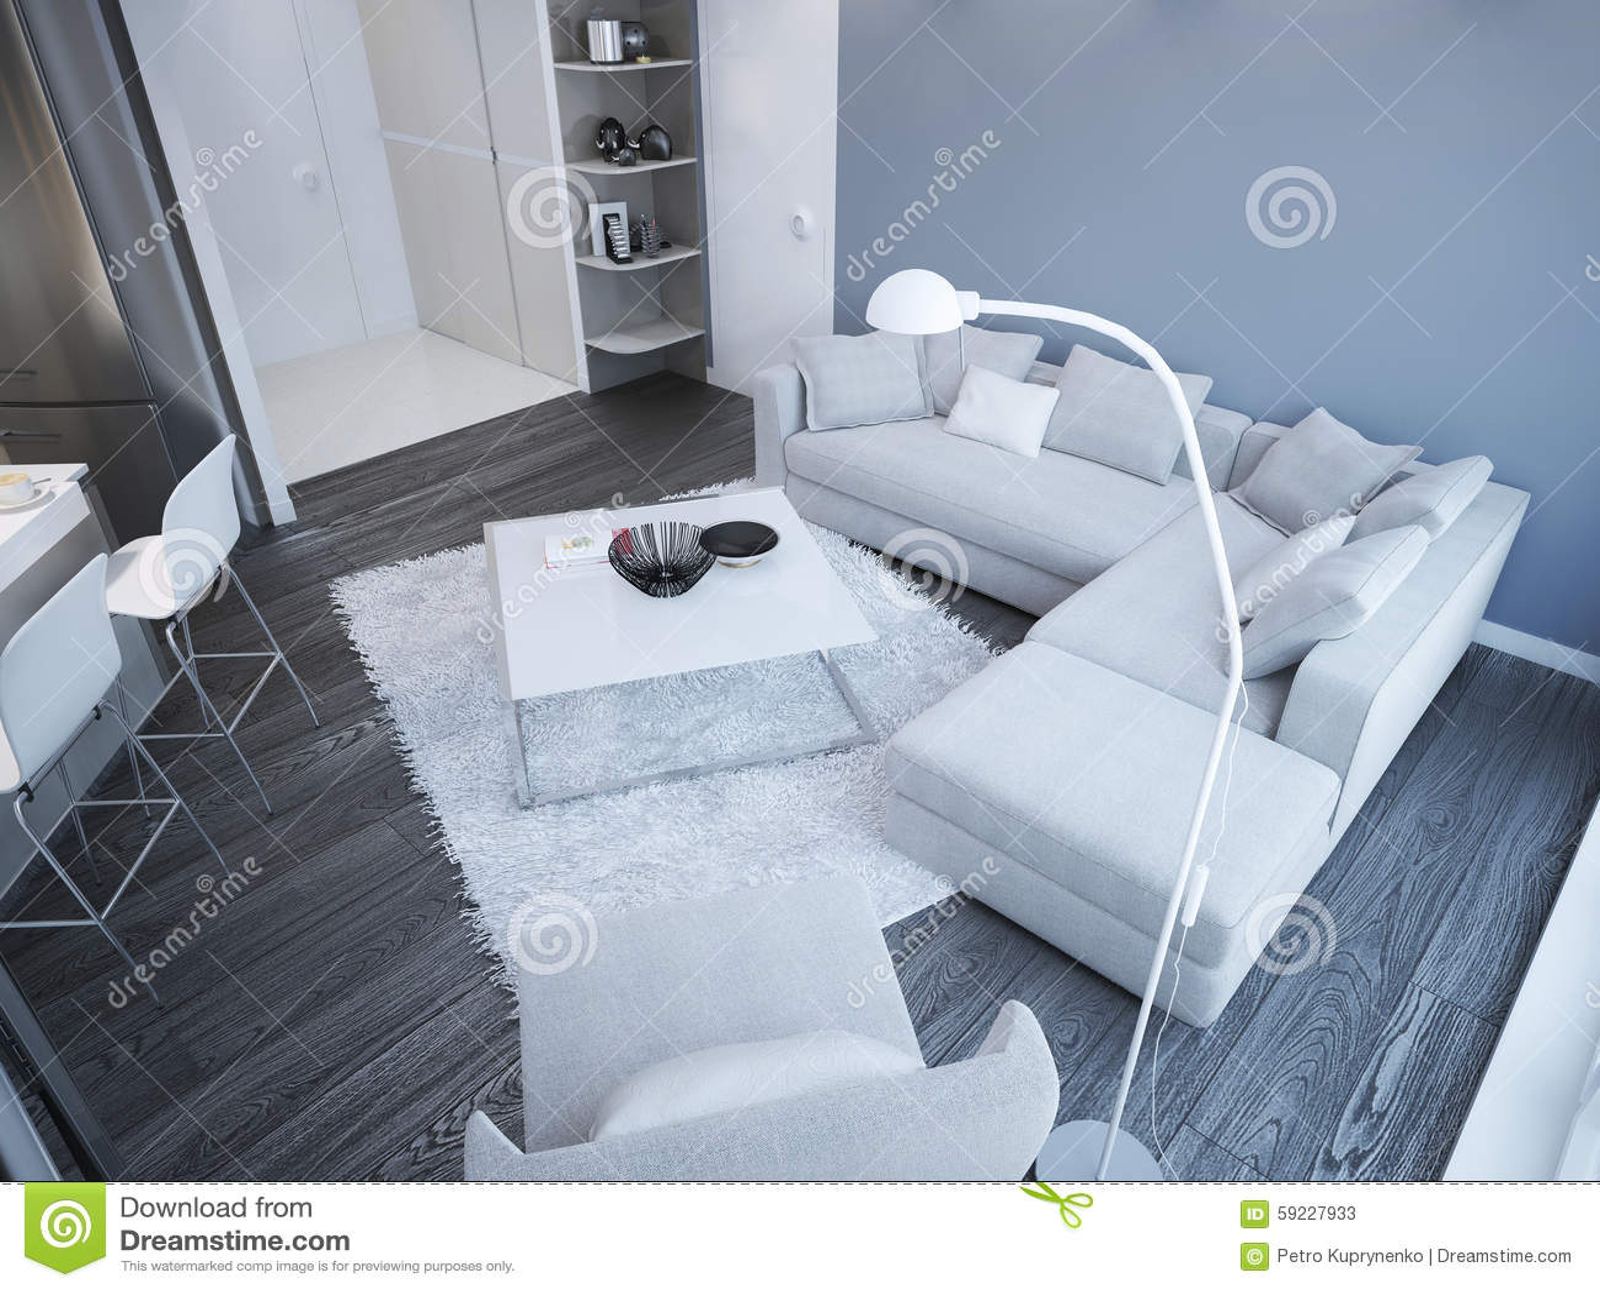 Blue Flooring Furniture Idea Light Living Minimalist Room Studio